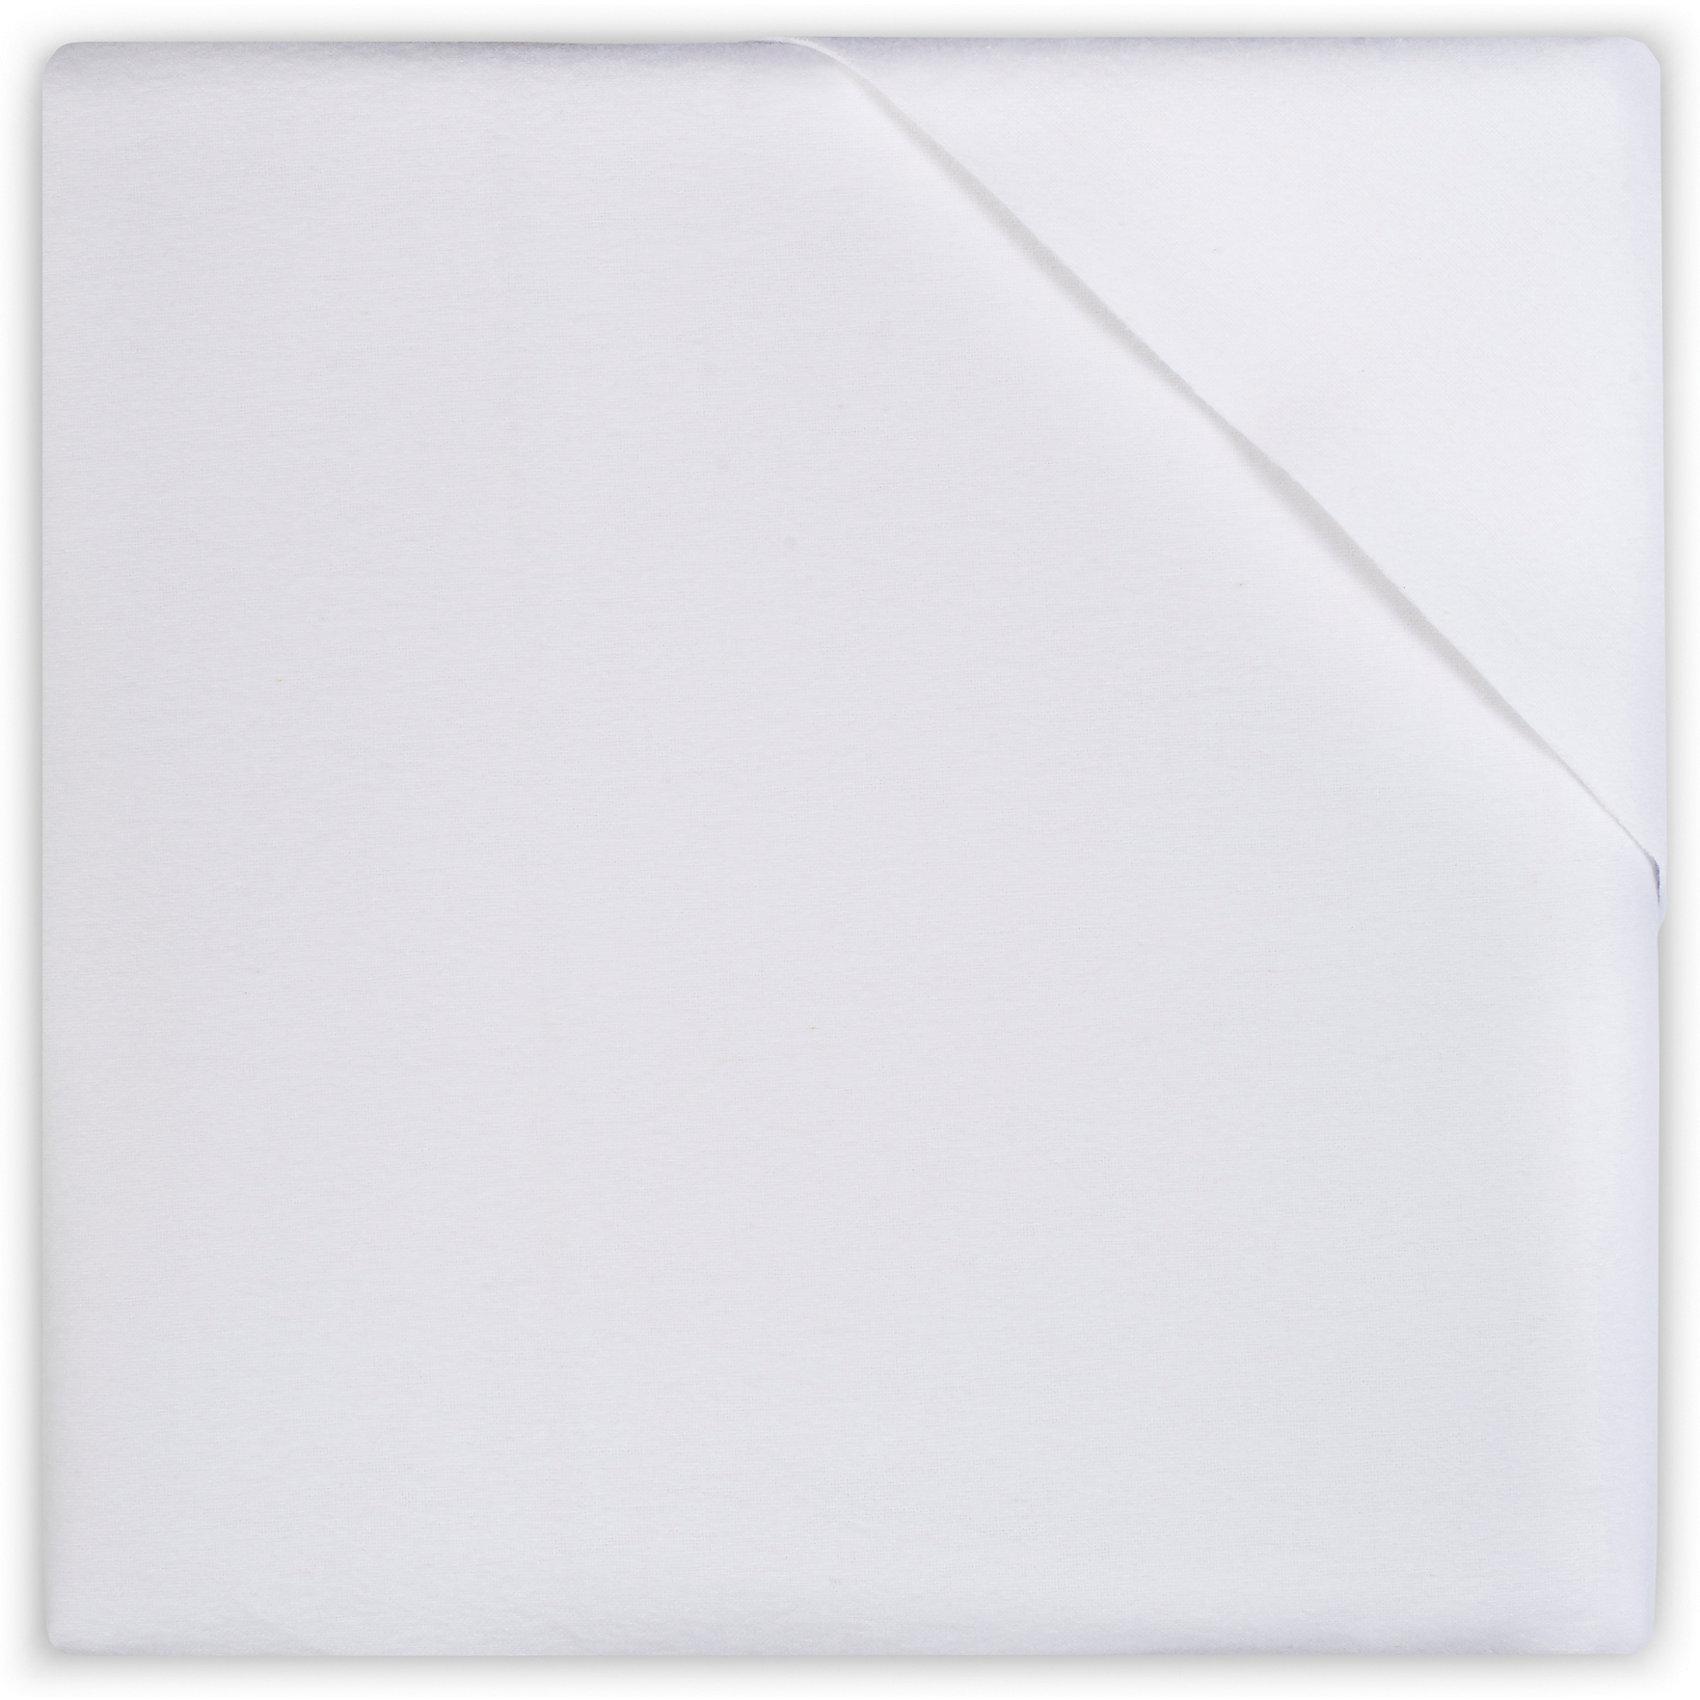 Непромокаемая простыня 40х50 см, Jollein, WhiteПостельное бельё<br>Характеристики:<br><br>• Вид детского текстиля: непромокаемая простыня<br>• Предназначение: для хранения защиты матраса и поверхностей от промокания, для проведения гигиенических процедур и массажа<br>• Пол: универсальный<br>• Цвет: белый<br>• Тематика рисунка: без рисунка<br>• Материал: хлопок с полиуретановым покрытием<br>• Размер: 50*40 см<br>• Вес: 150 г<br>• Особенности ухода: машинная или ручная стирка при температуре не более 40 градусов, запрещается гладить<br><br>Непромокаемая простыня 40х50 см, Jollein, White от торговой марки Жолляйн, которая является признанным лидером среди аналогичных брендов, выпускающих детское постельное белье и текстиль для новорожденных. Продукция этого торгового бренда отличается высоким качеством и дизайнерским стилем. Простыня выполнена из натурального хлопка с полиуретановым покрытием, которое защищает от протекания и соответственно от промокания матрасика или другой поверхности. Хлопок обеспечивает воздухопроницаемость и быстрое впитывание влаги. <br><br>Такая простынка станет необходимым предметом при проведении гигиенических процедур, принятии солнечных и воздушных ванн, а также во время сеанса массажа. Кроме того, такую простынку удобно брать с собой в поездки или поликлинику на прием к врачу.<br><br>Непромокаемую простыню 40х50 см, Jollein, White можно купить в нашем интернет-магазине.<br><br>Ширина мм: 200<br>Глубина мм: 240<br>Высота мм: 15<br>Вес г: 183<br>Возраст от месяцев: 0<br>Возраст до месяцев: 36<br>Пол: Унисекс<br>Возраст: Детский<br>SKU: 5367097